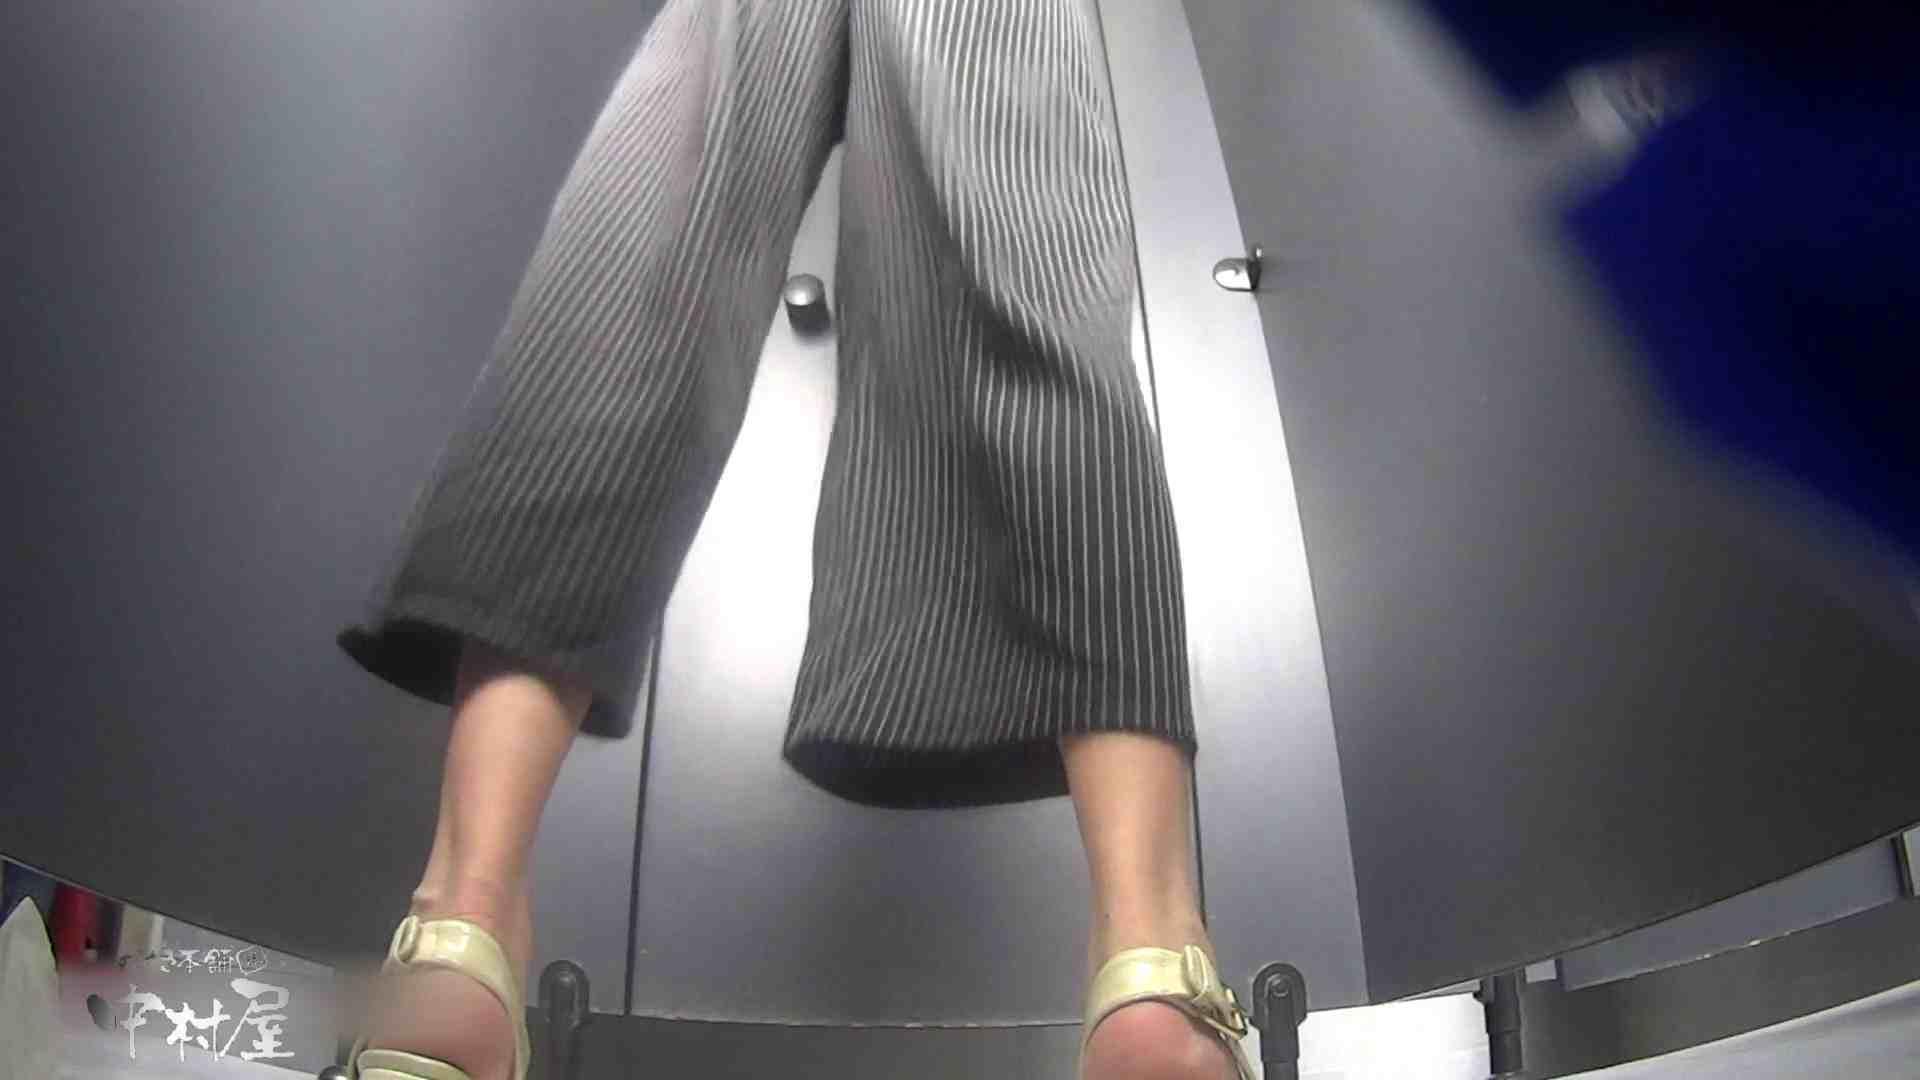 ツンデレお女市さんのトイレ事情 大学休憩時間の洗面所事情32 エッチな盗撮 オメコ動画キャプチャ 102pic 44